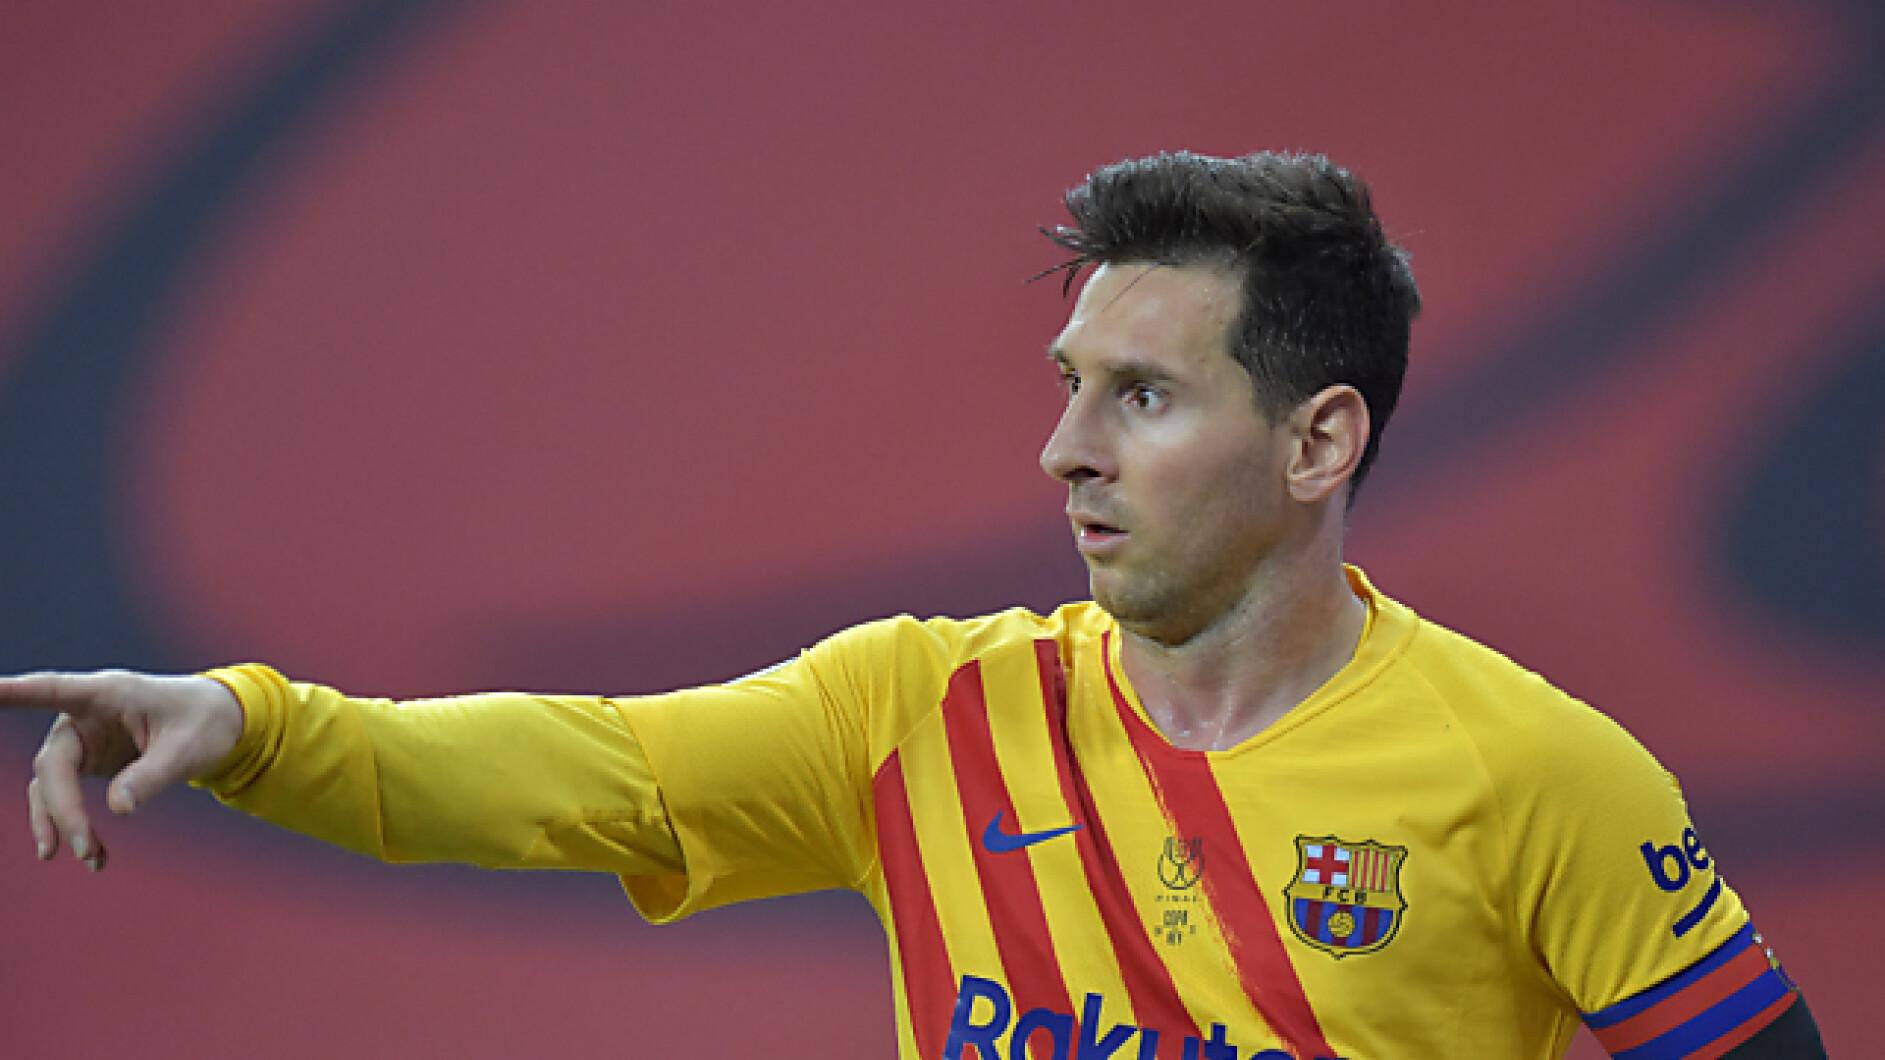 Fu-ball-FC-Barcelona-nach-4-0-gegen-Bilbao-spanischer-Cupsieger